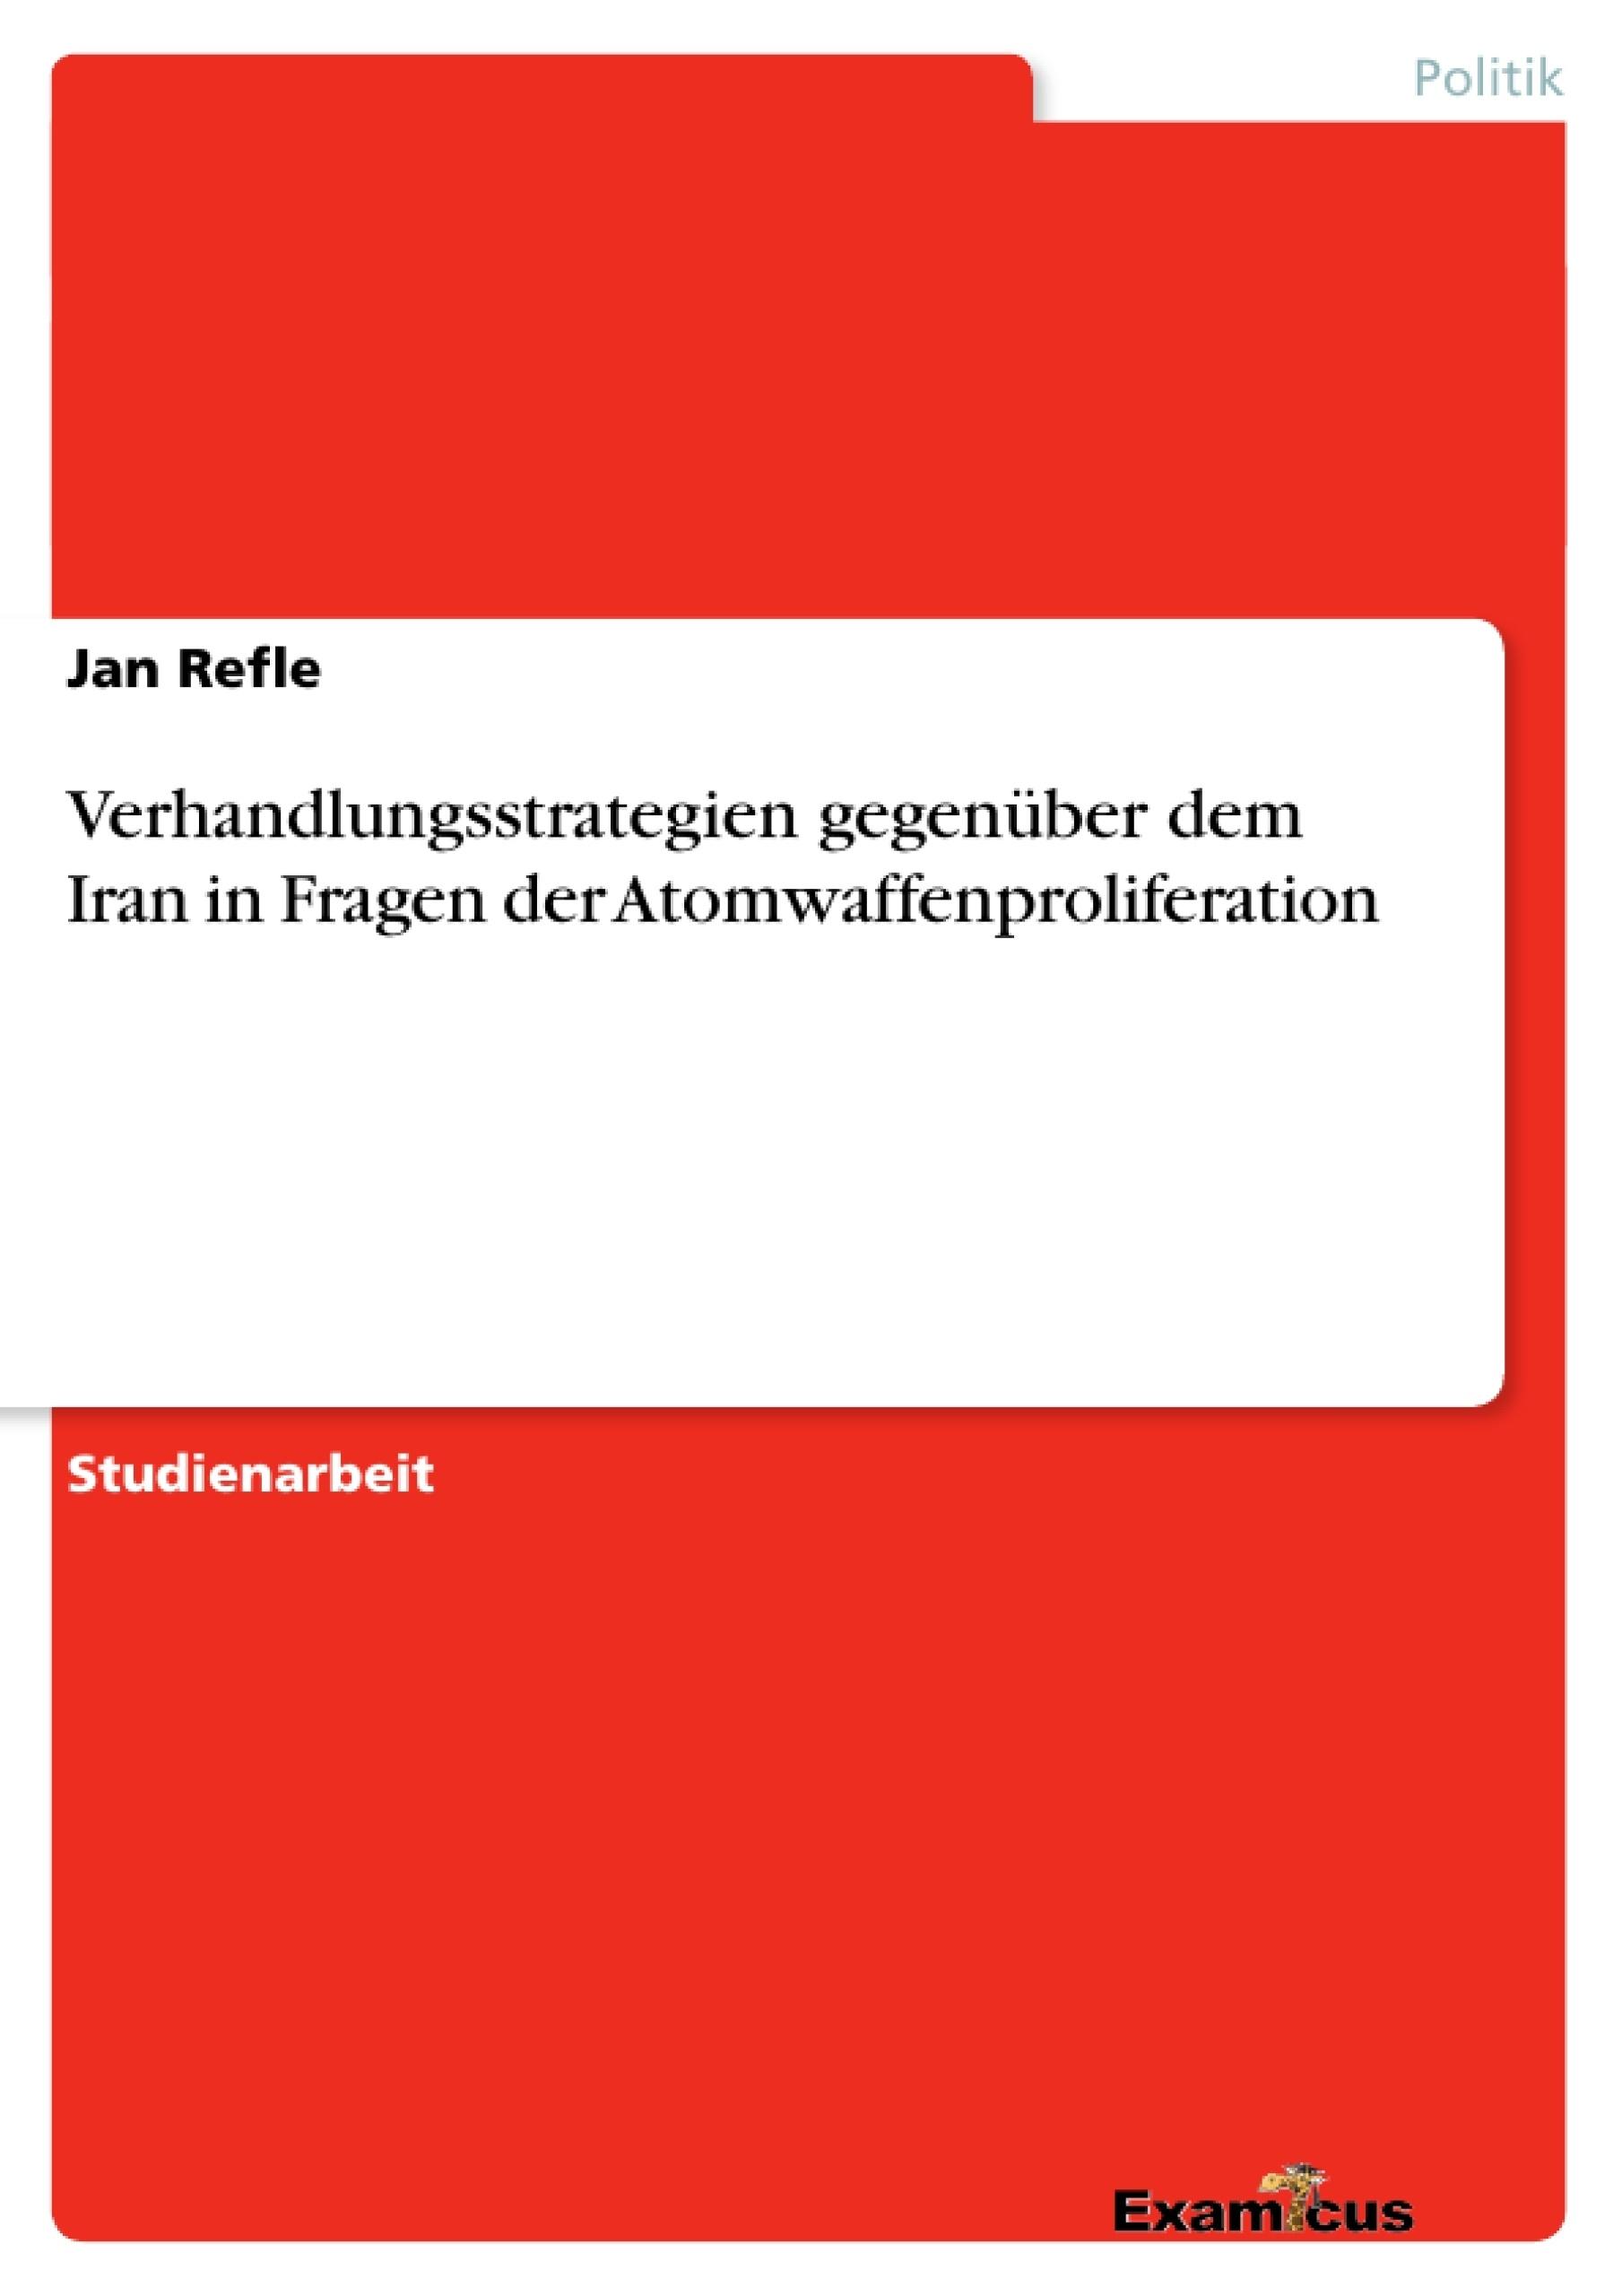 Titel: Verhandlungsstrategien gegenüber dem Iran in Fragen der Atomwaffenproliferation